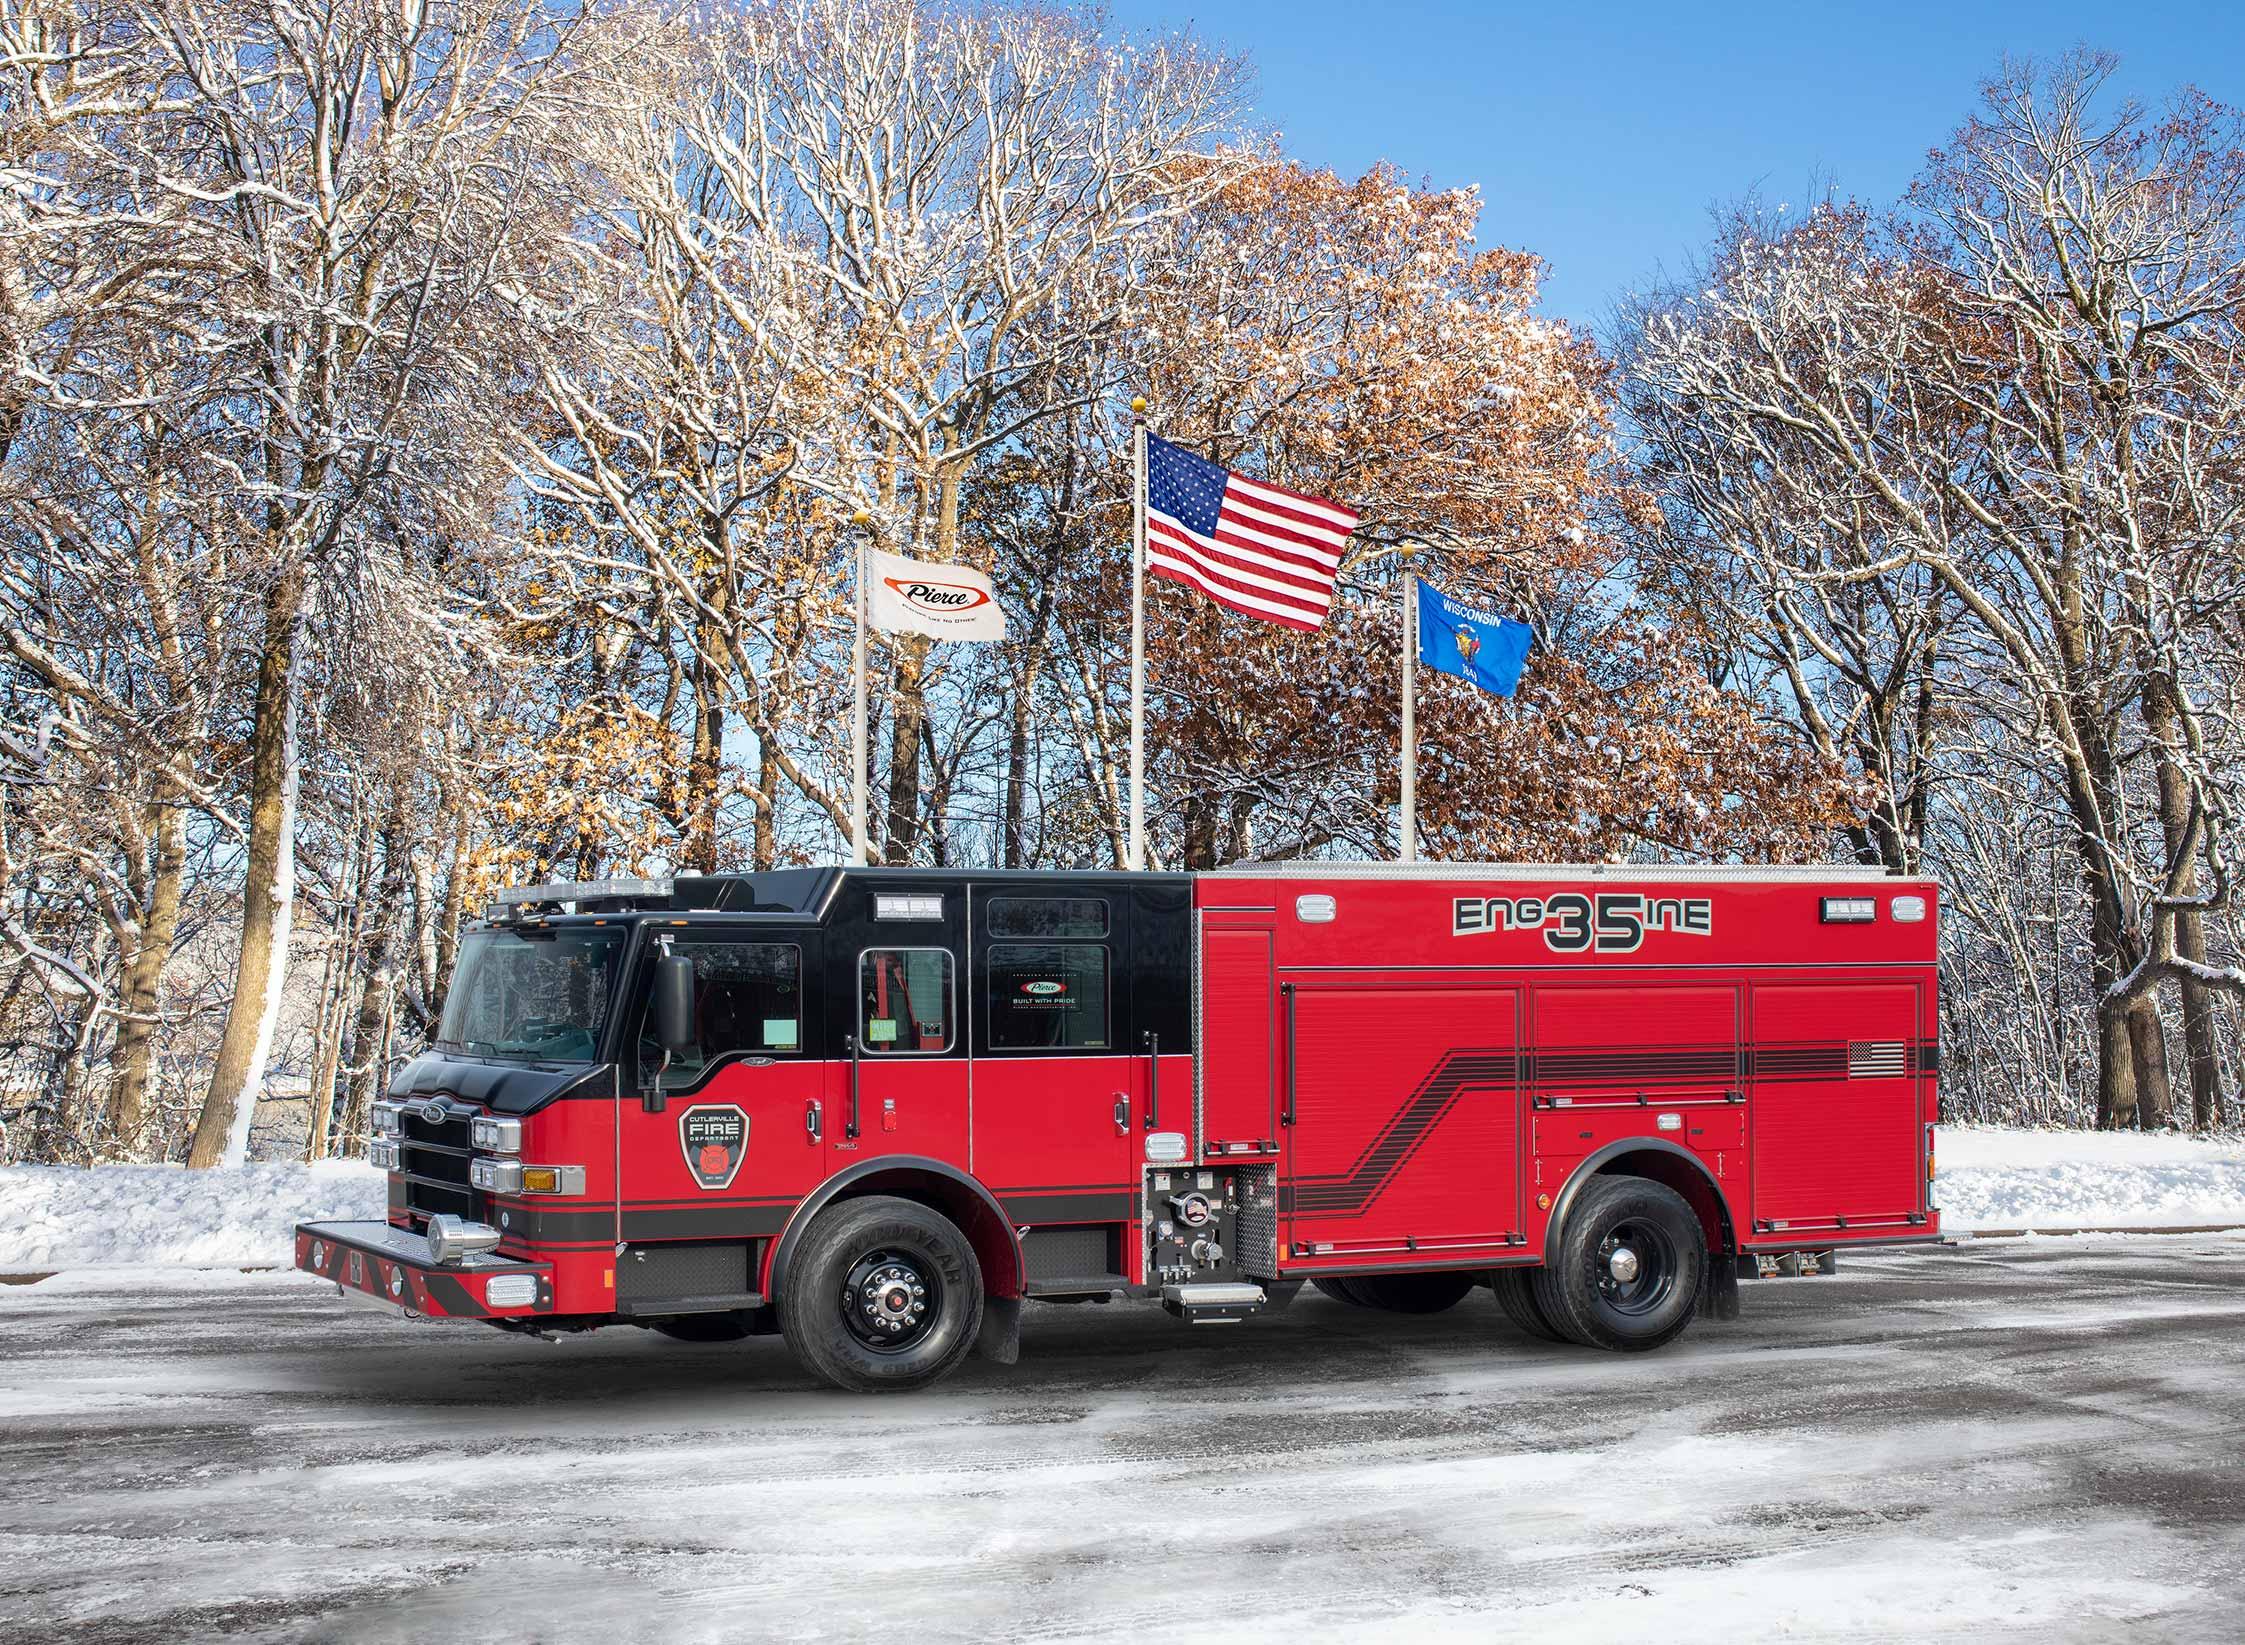 Cutlerville Fire Department - Pumper